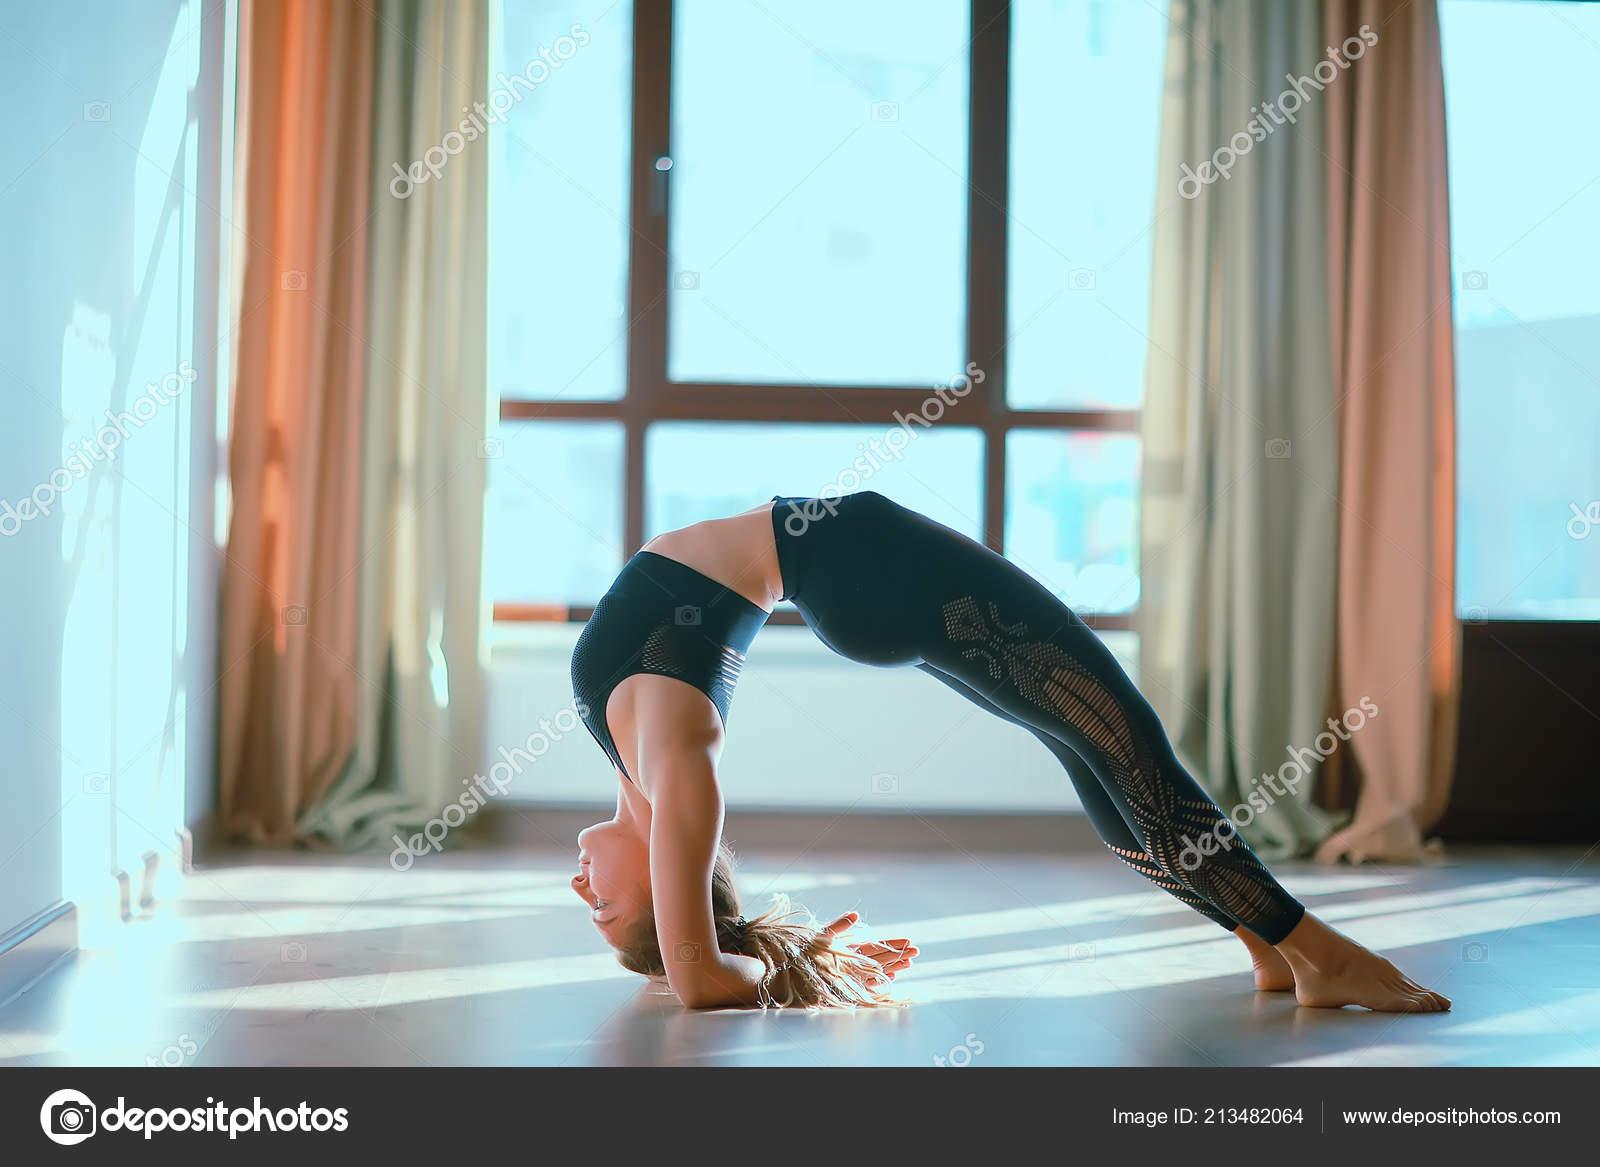 gde-lesbiyanki-gimnastika-gibkie-devushki-trahayut-ochen